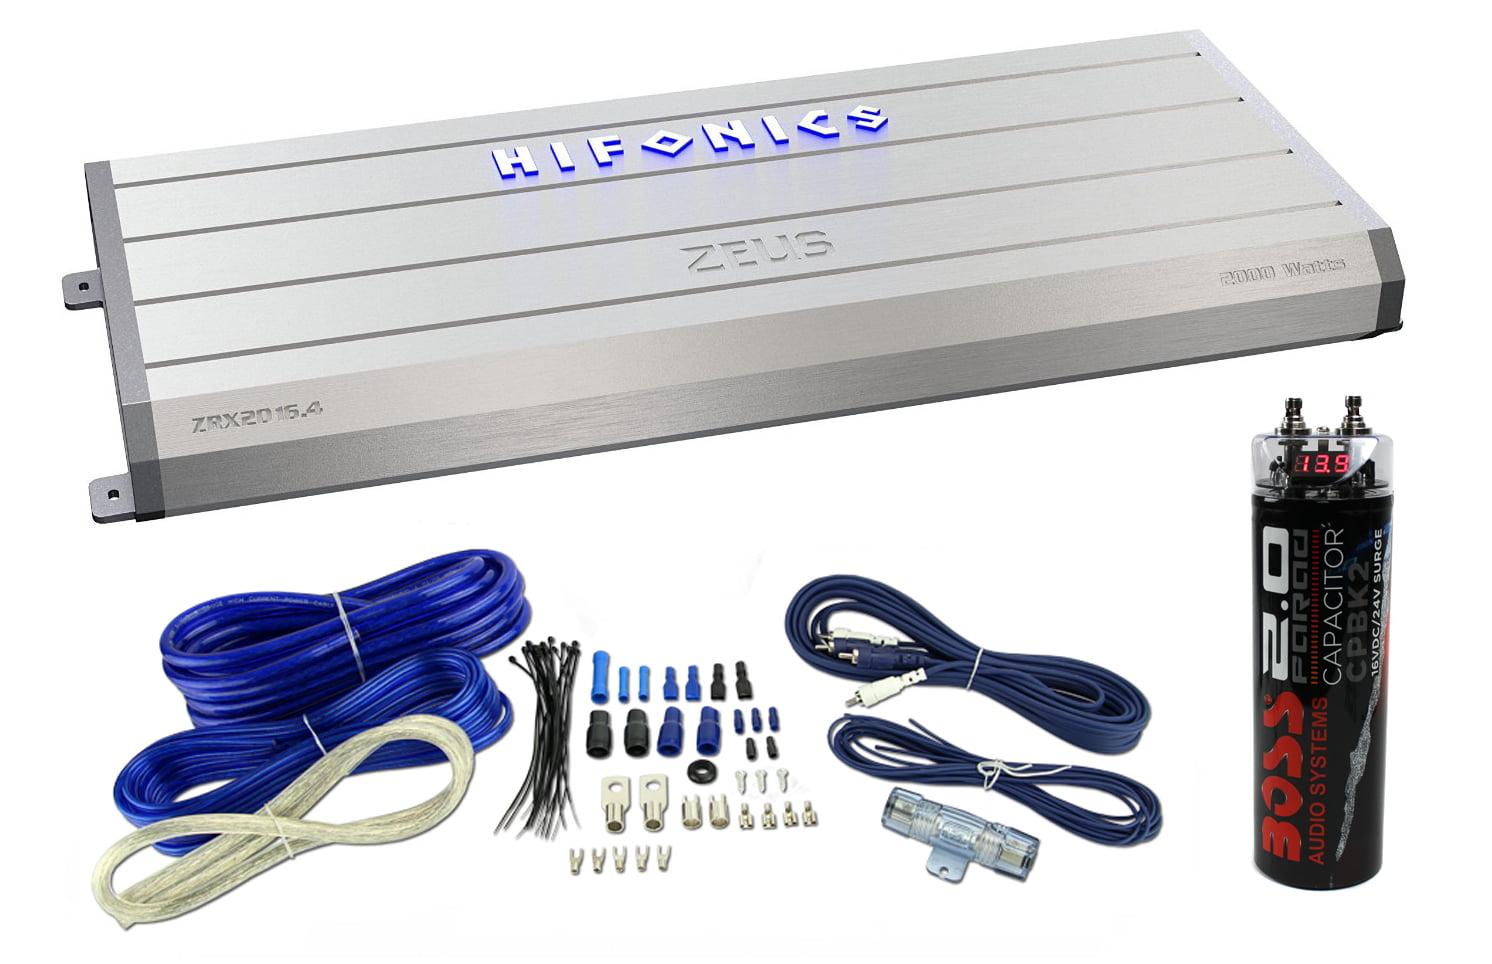 Magnificent Walmart Amp Wiring Kit Collection - Wiring Schematics ...